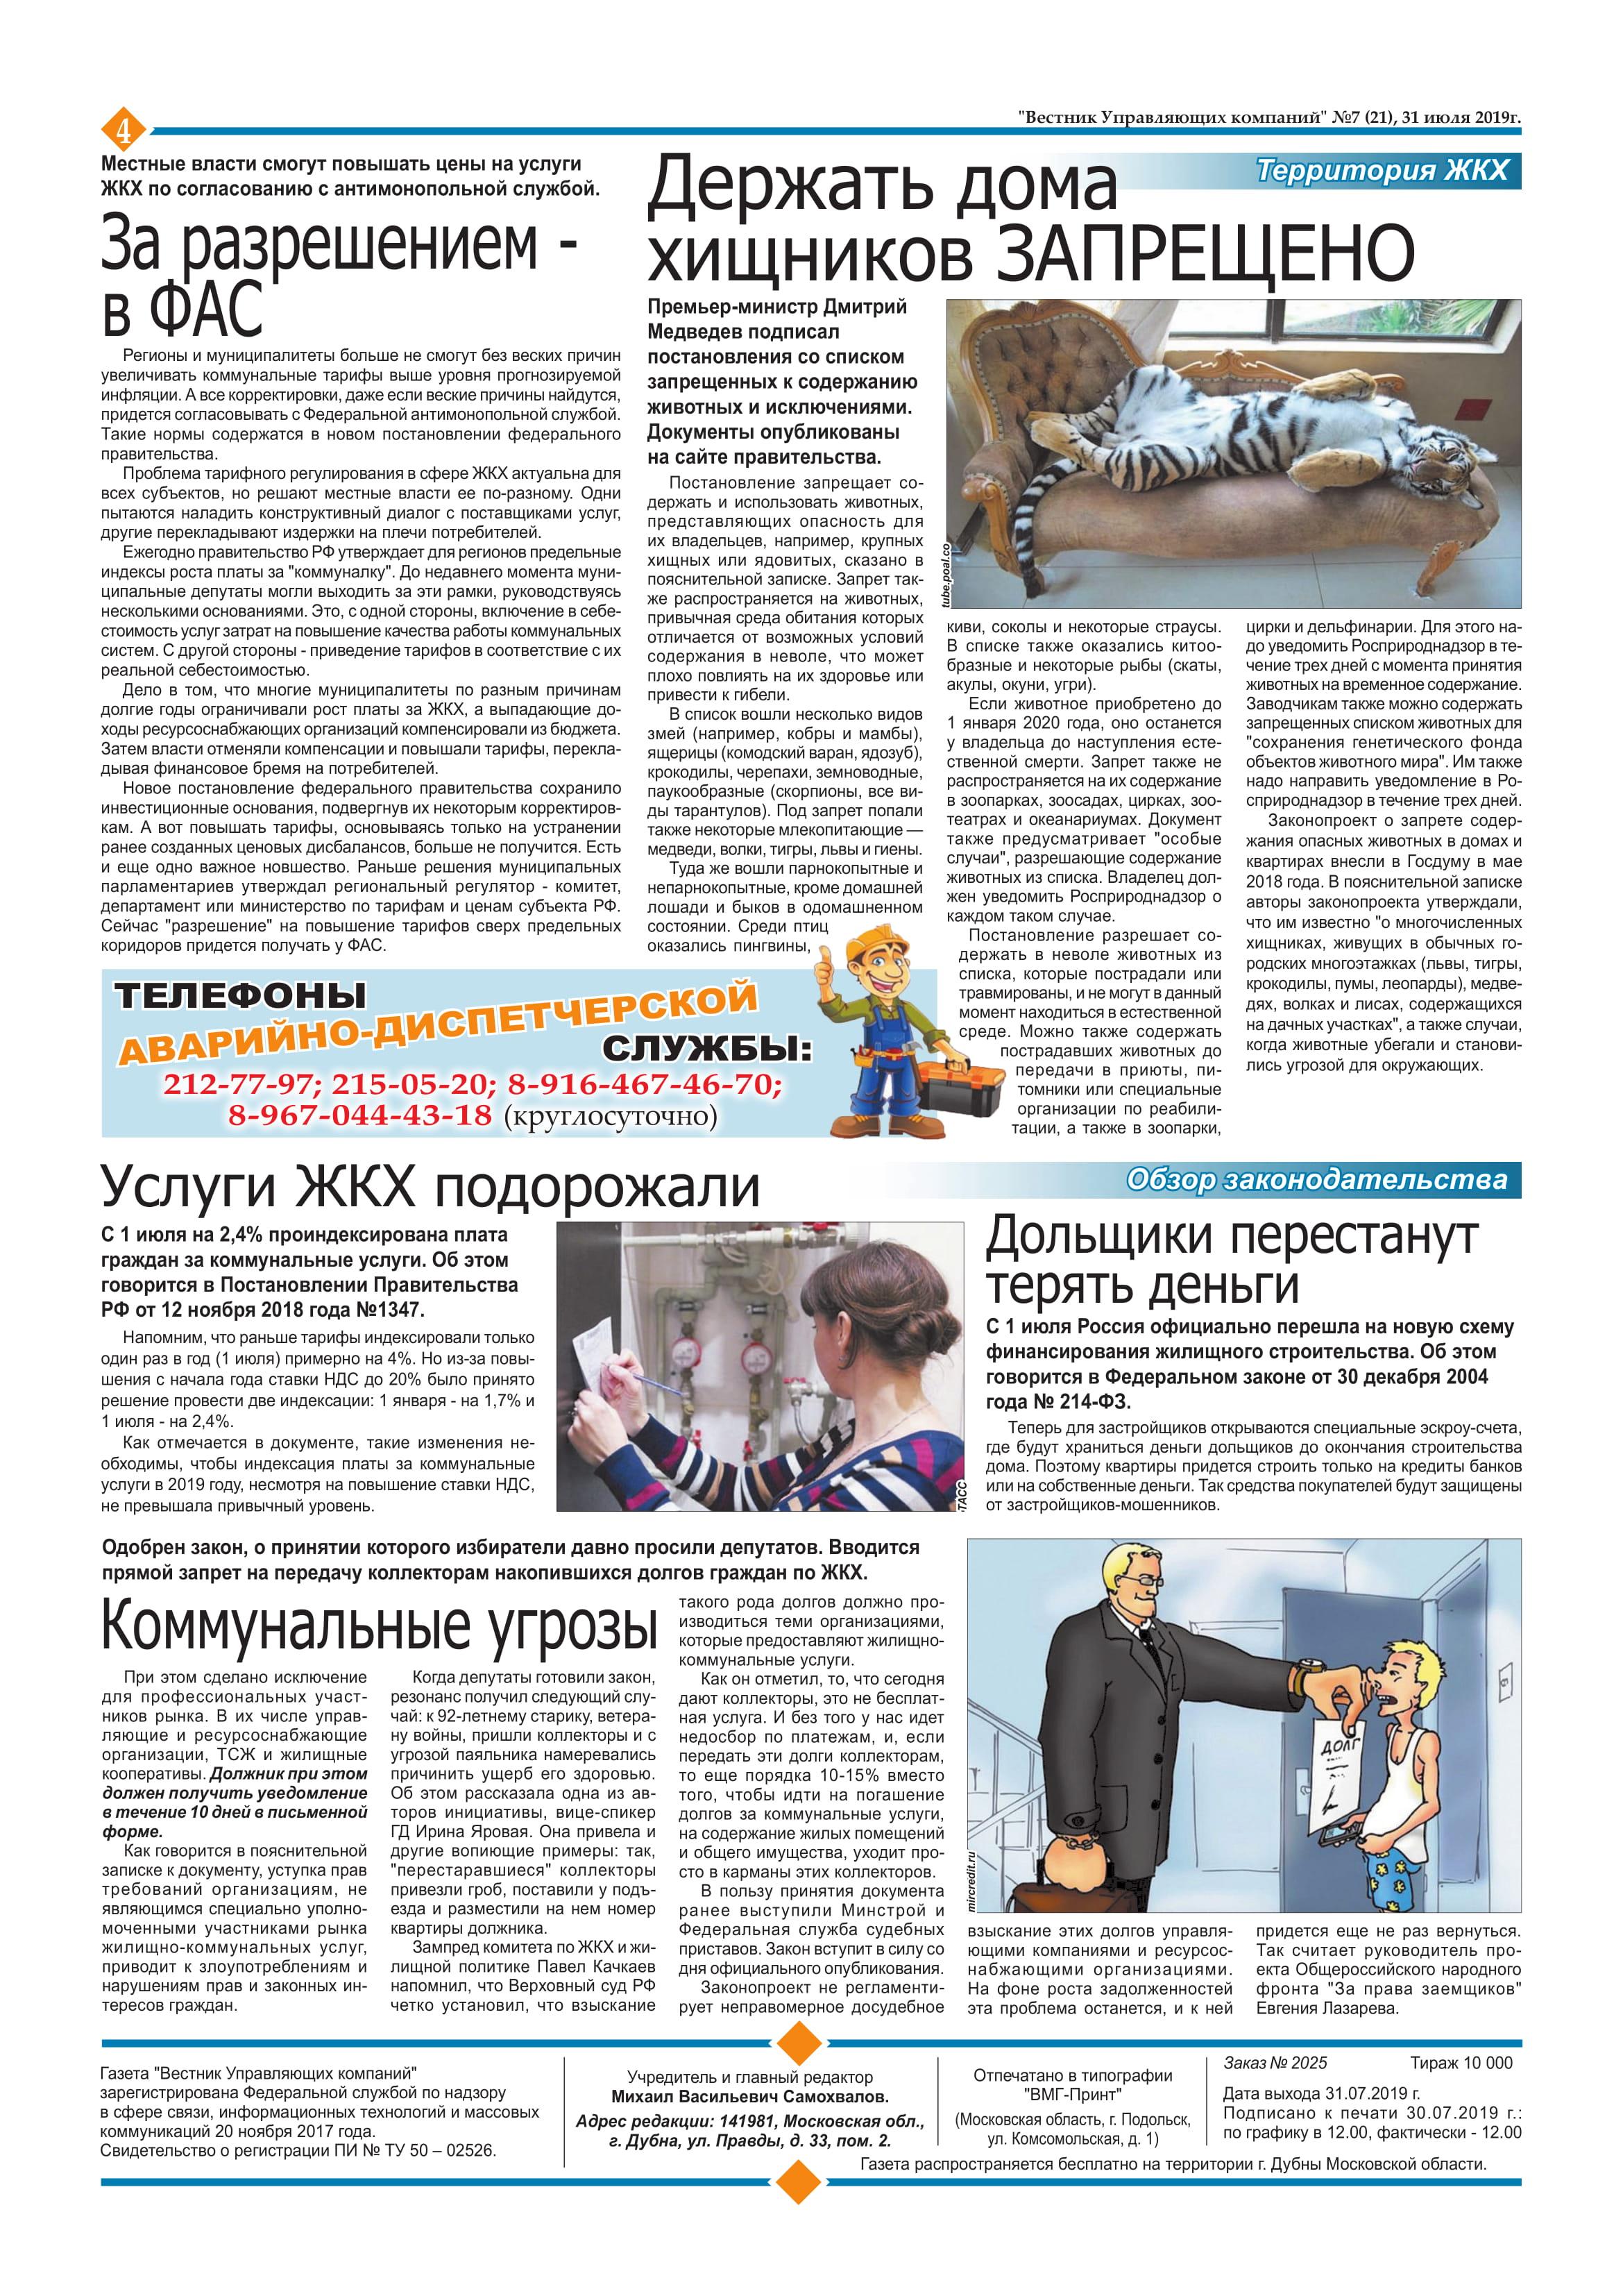 Вестник Управляющих компаний №7(21) от 31 июля 2019-4